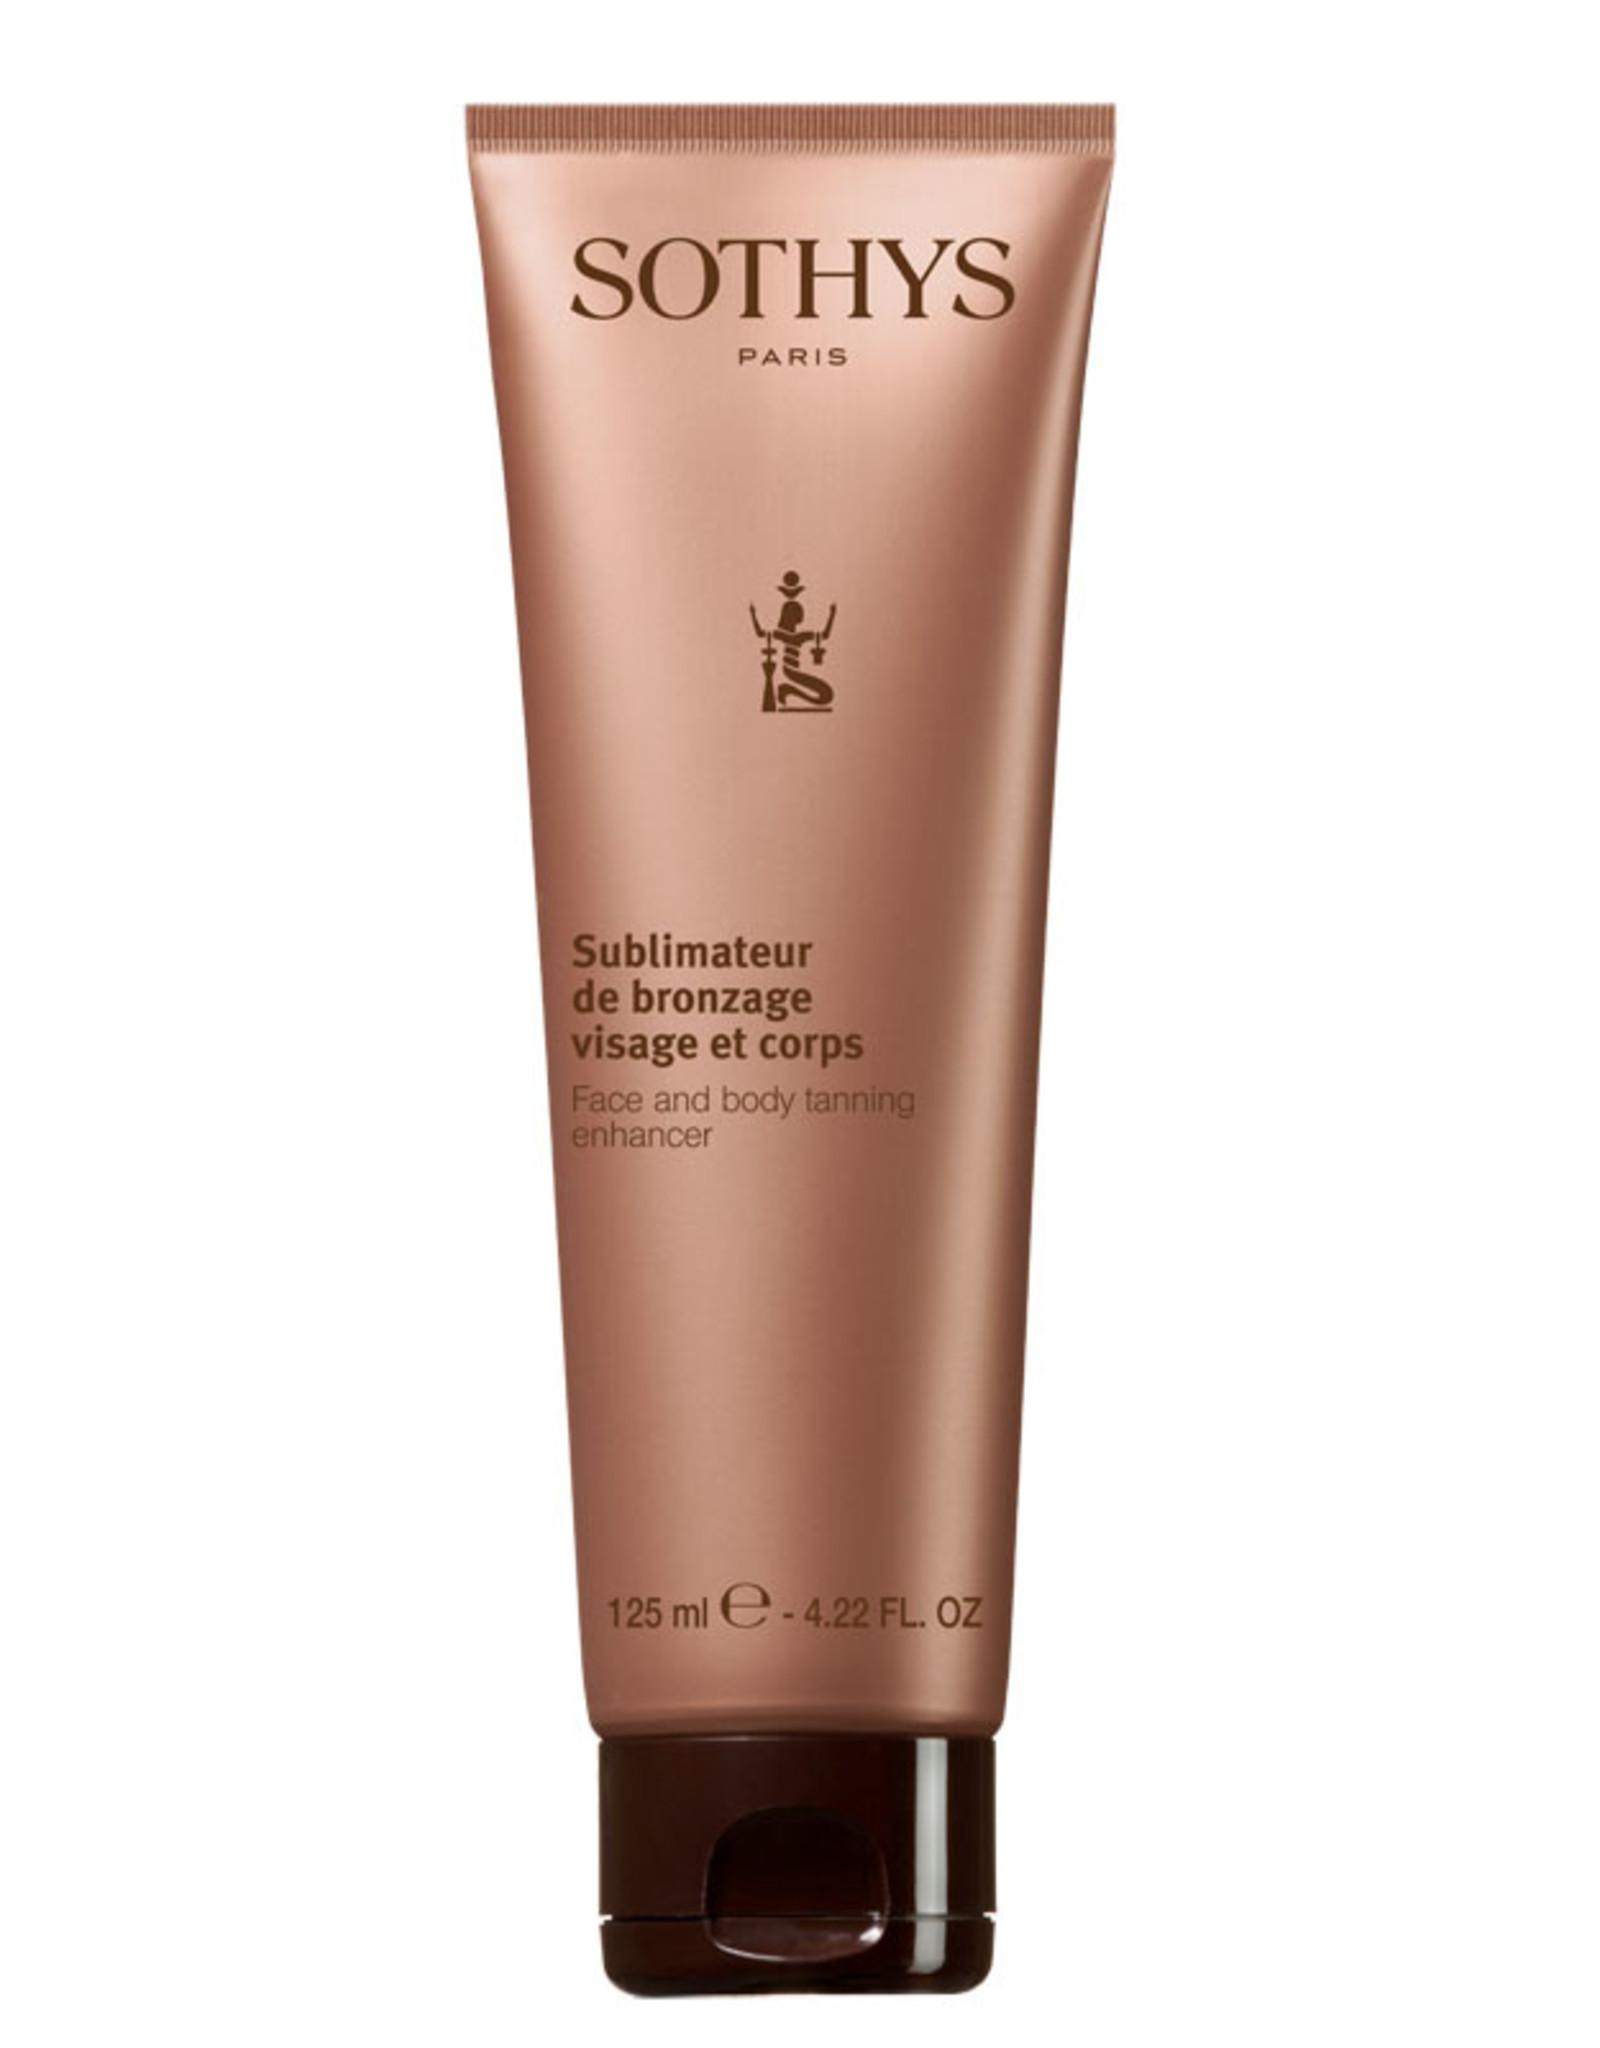 SOTHYS -30% Sublimateur de bronzage visage et corps - Sothys